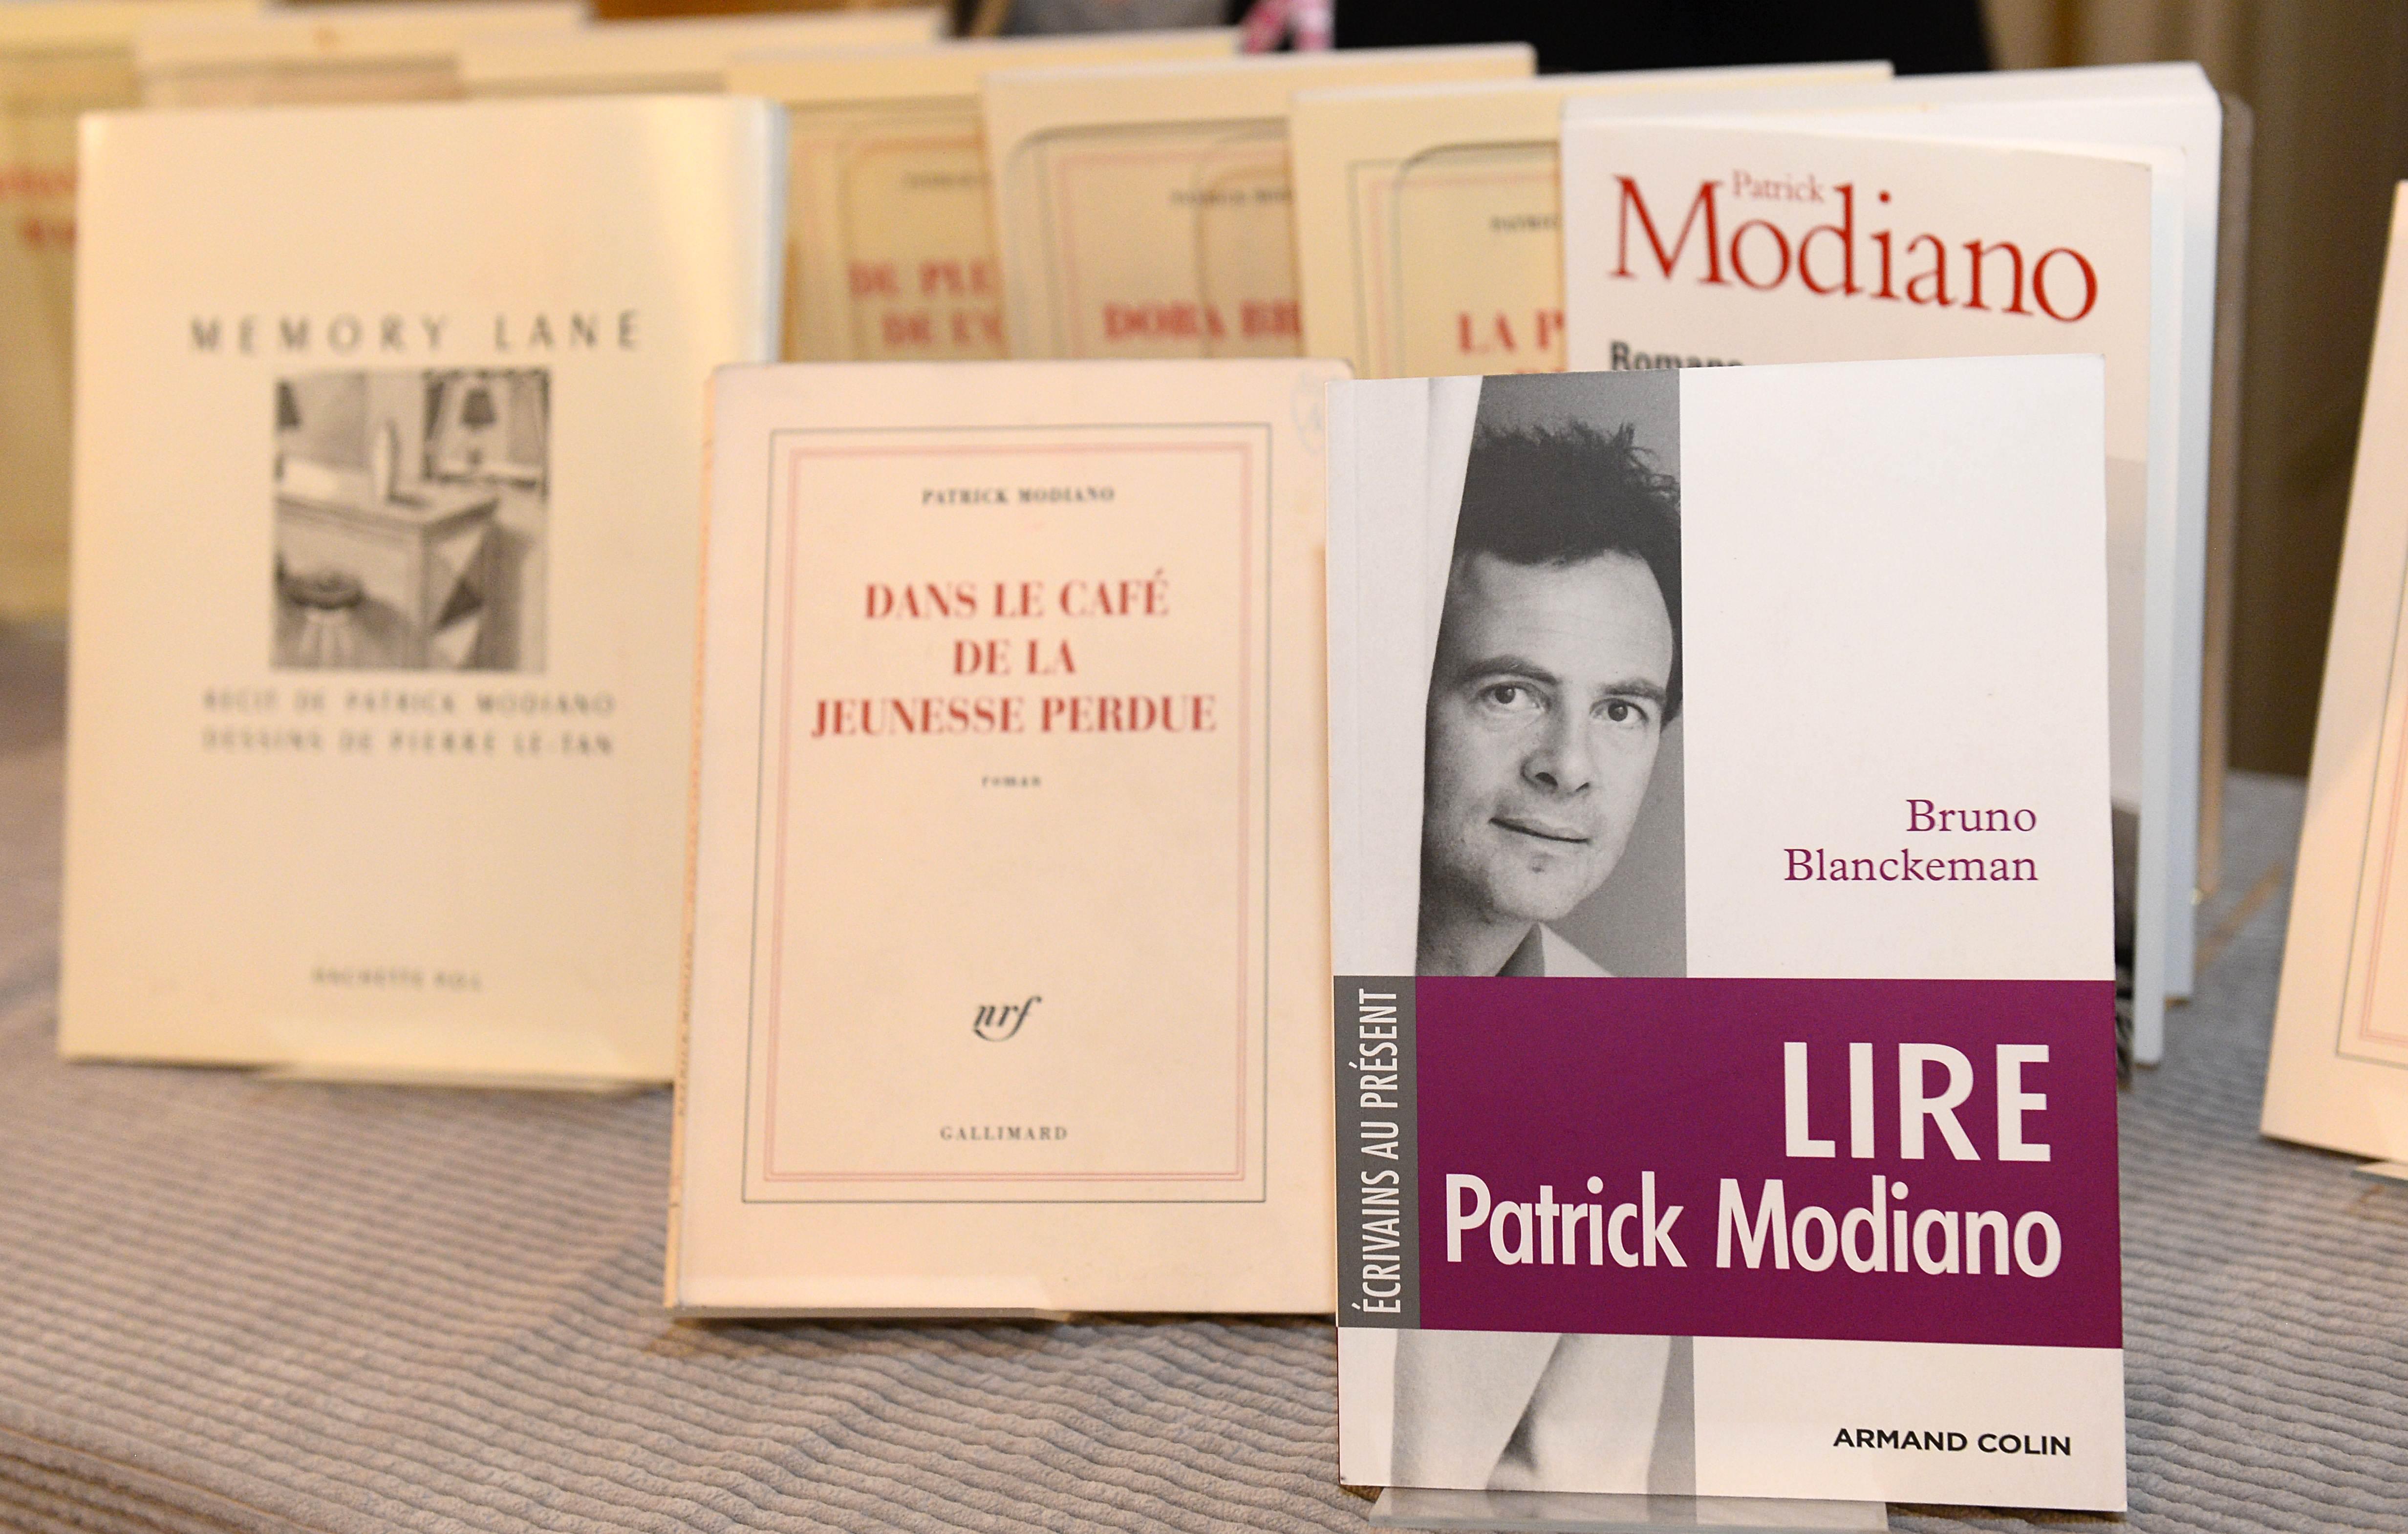 باتريك موديانو – شذرات